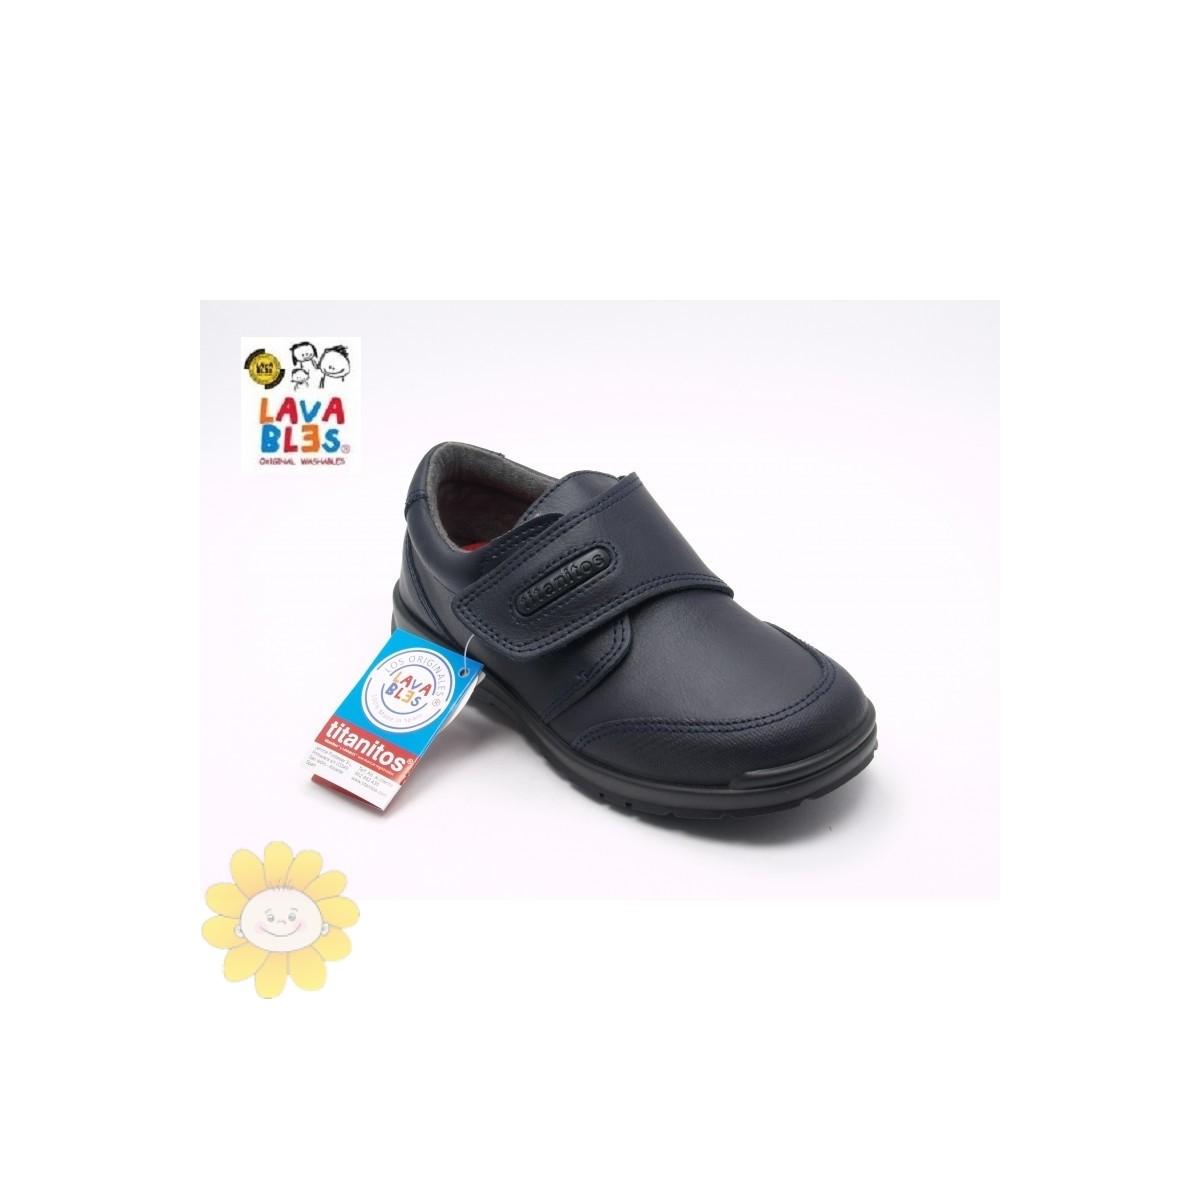 Pequeños Escolar Zapato Zapato Escolar Zeus Girasoles fxw0xpHg